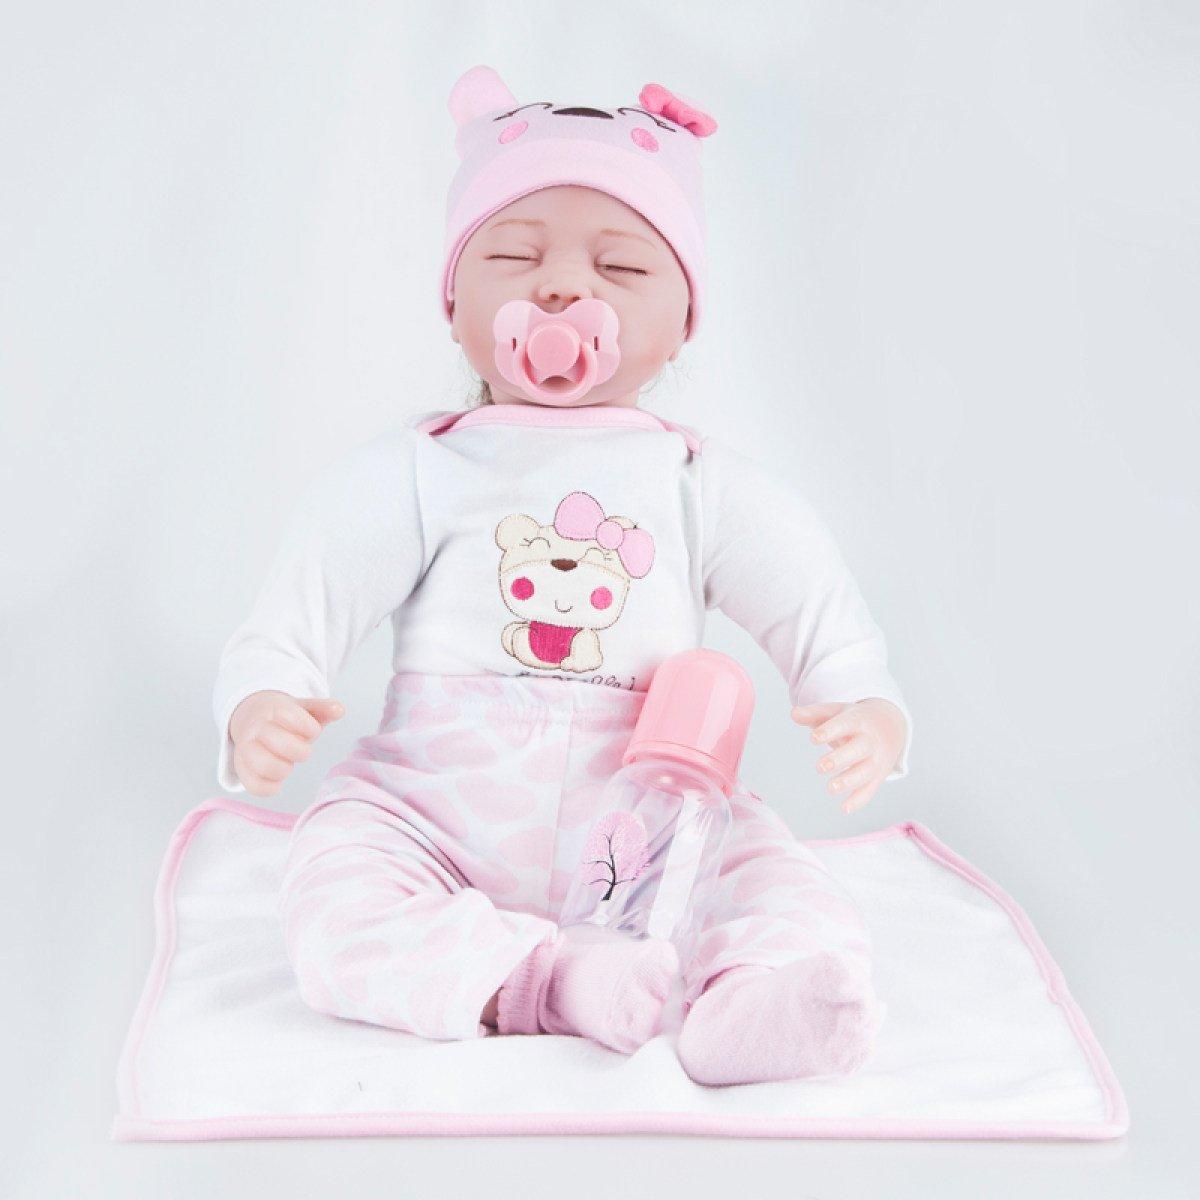 22 Pulgadas Reborn Baby Dolls Realista Hecho A Mano De Silicona Recién Nacido Muñeca Realista De Simulación Suave Eyes Cerrado Girl Favorite Gift